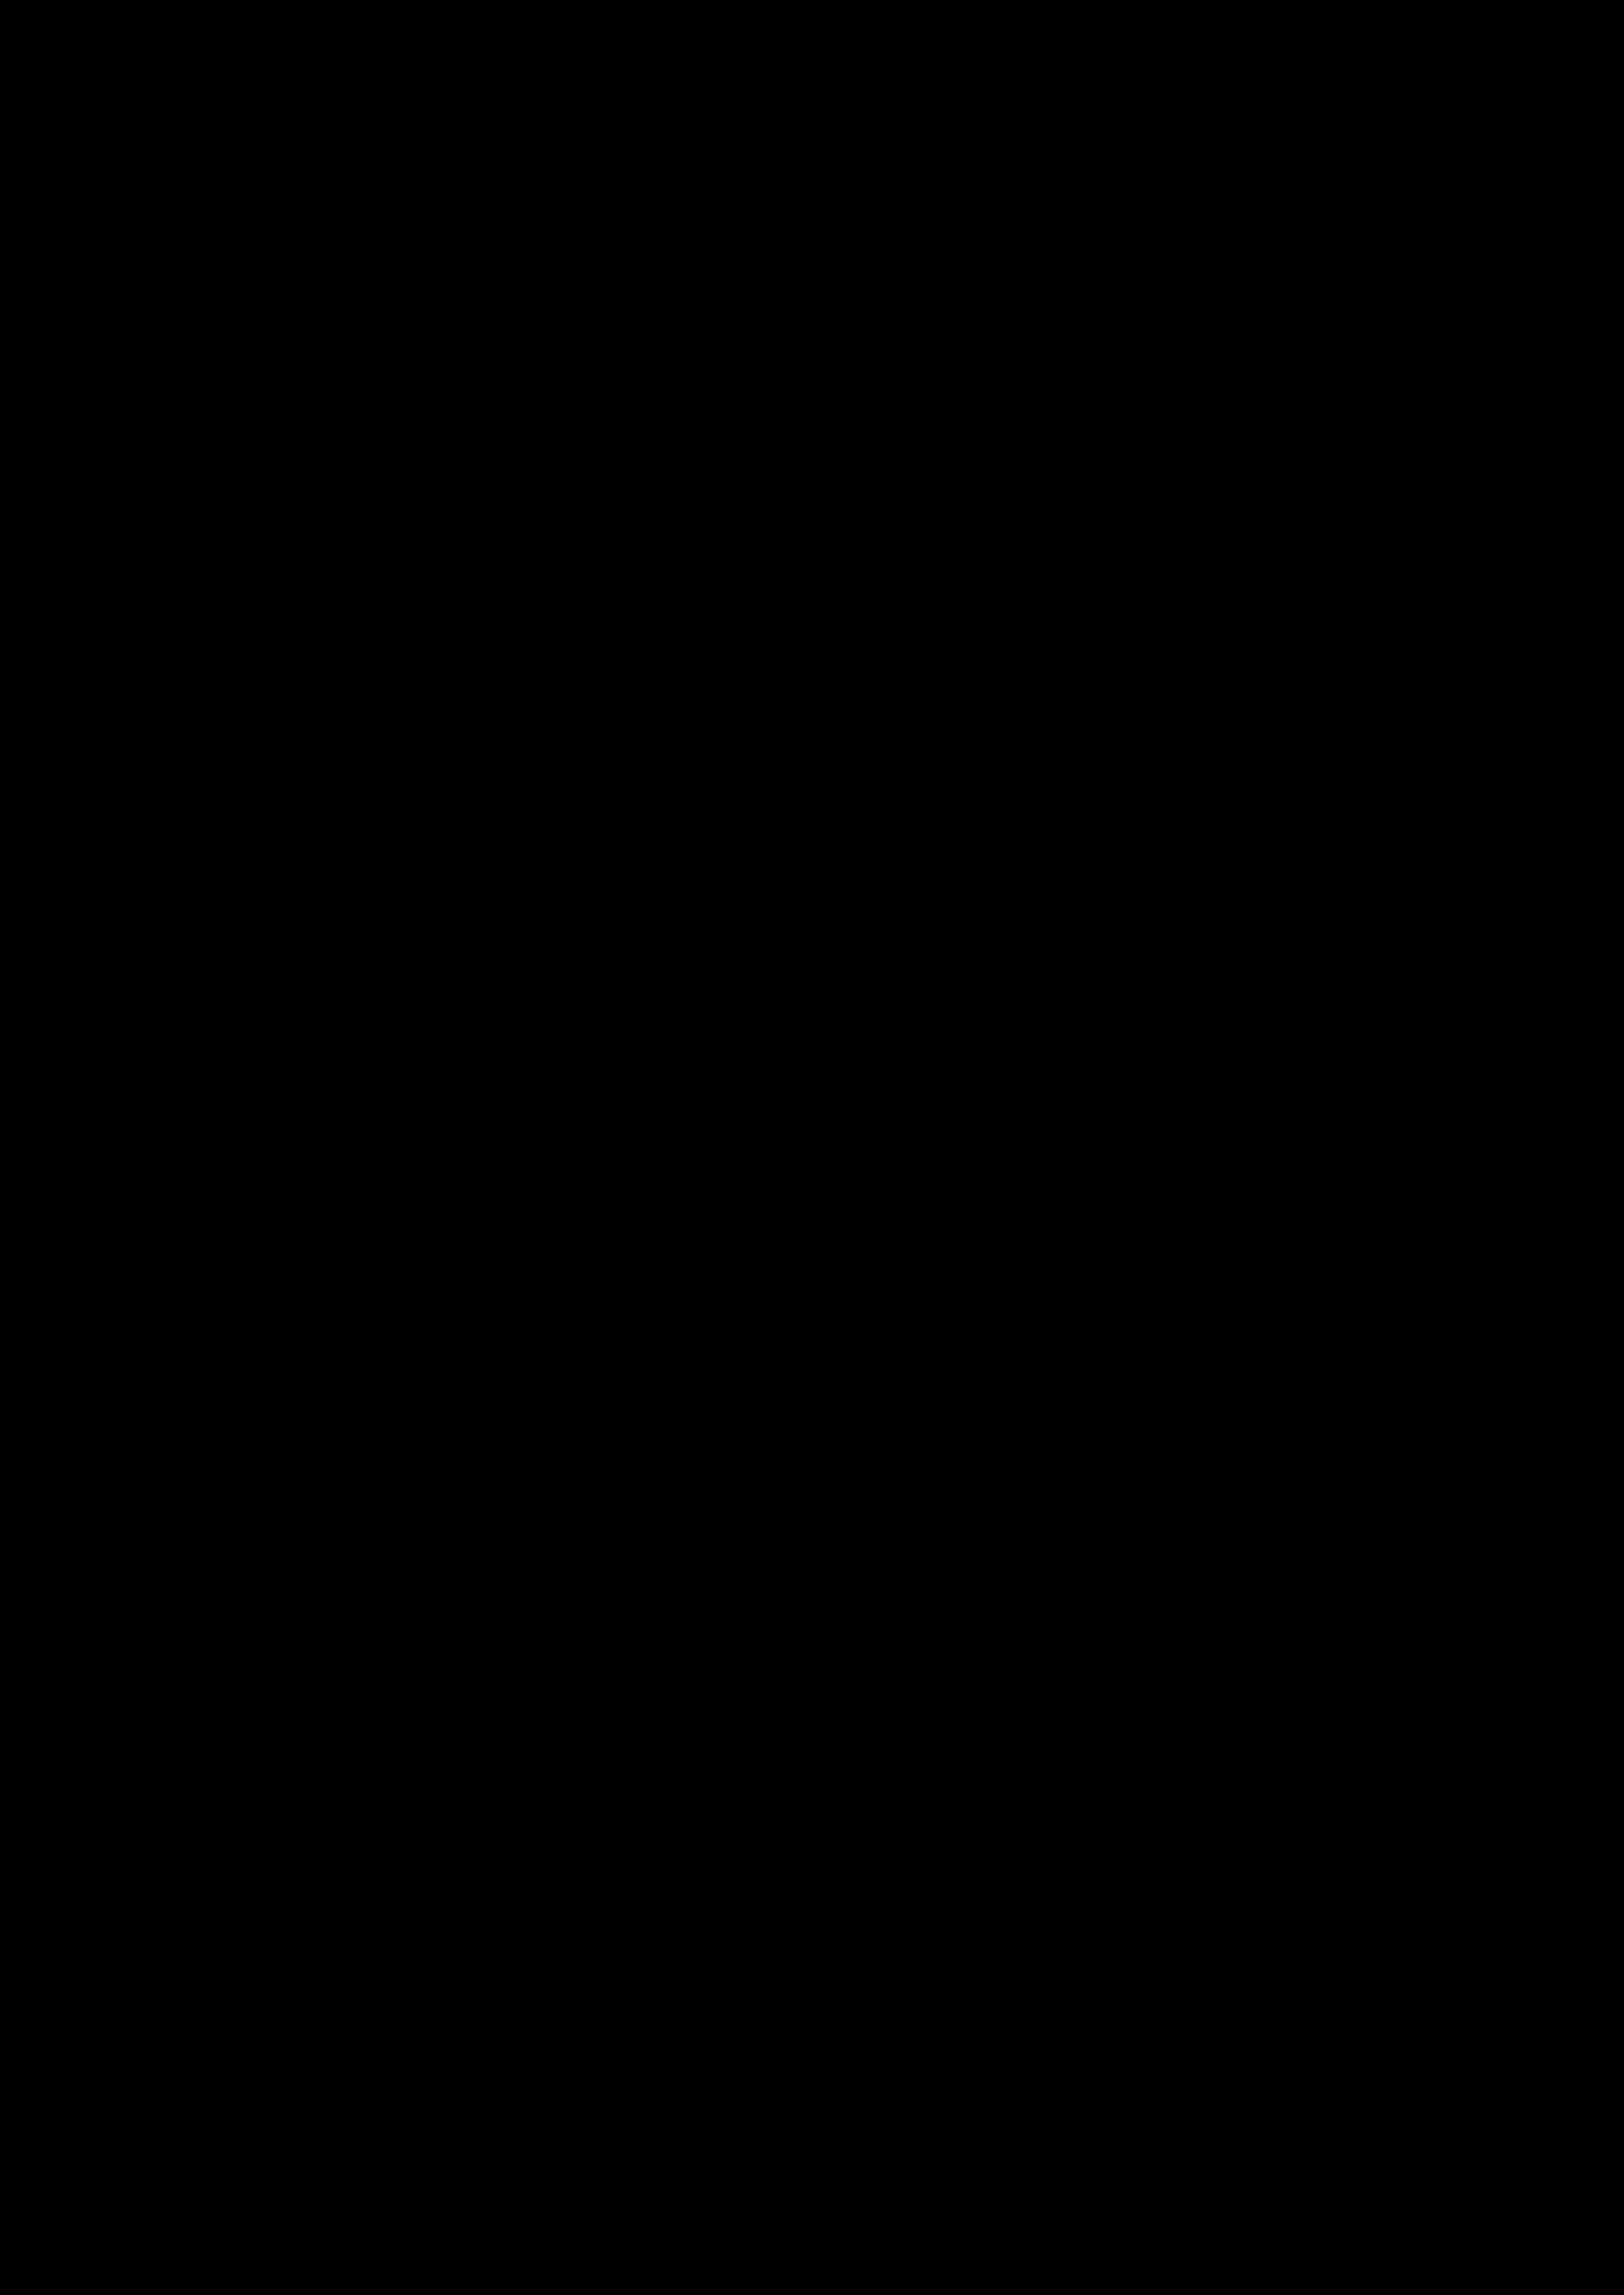 Robert Habeck in Karlsruhe – Triff ihn am Samstag, 25. Mai vor Ort!